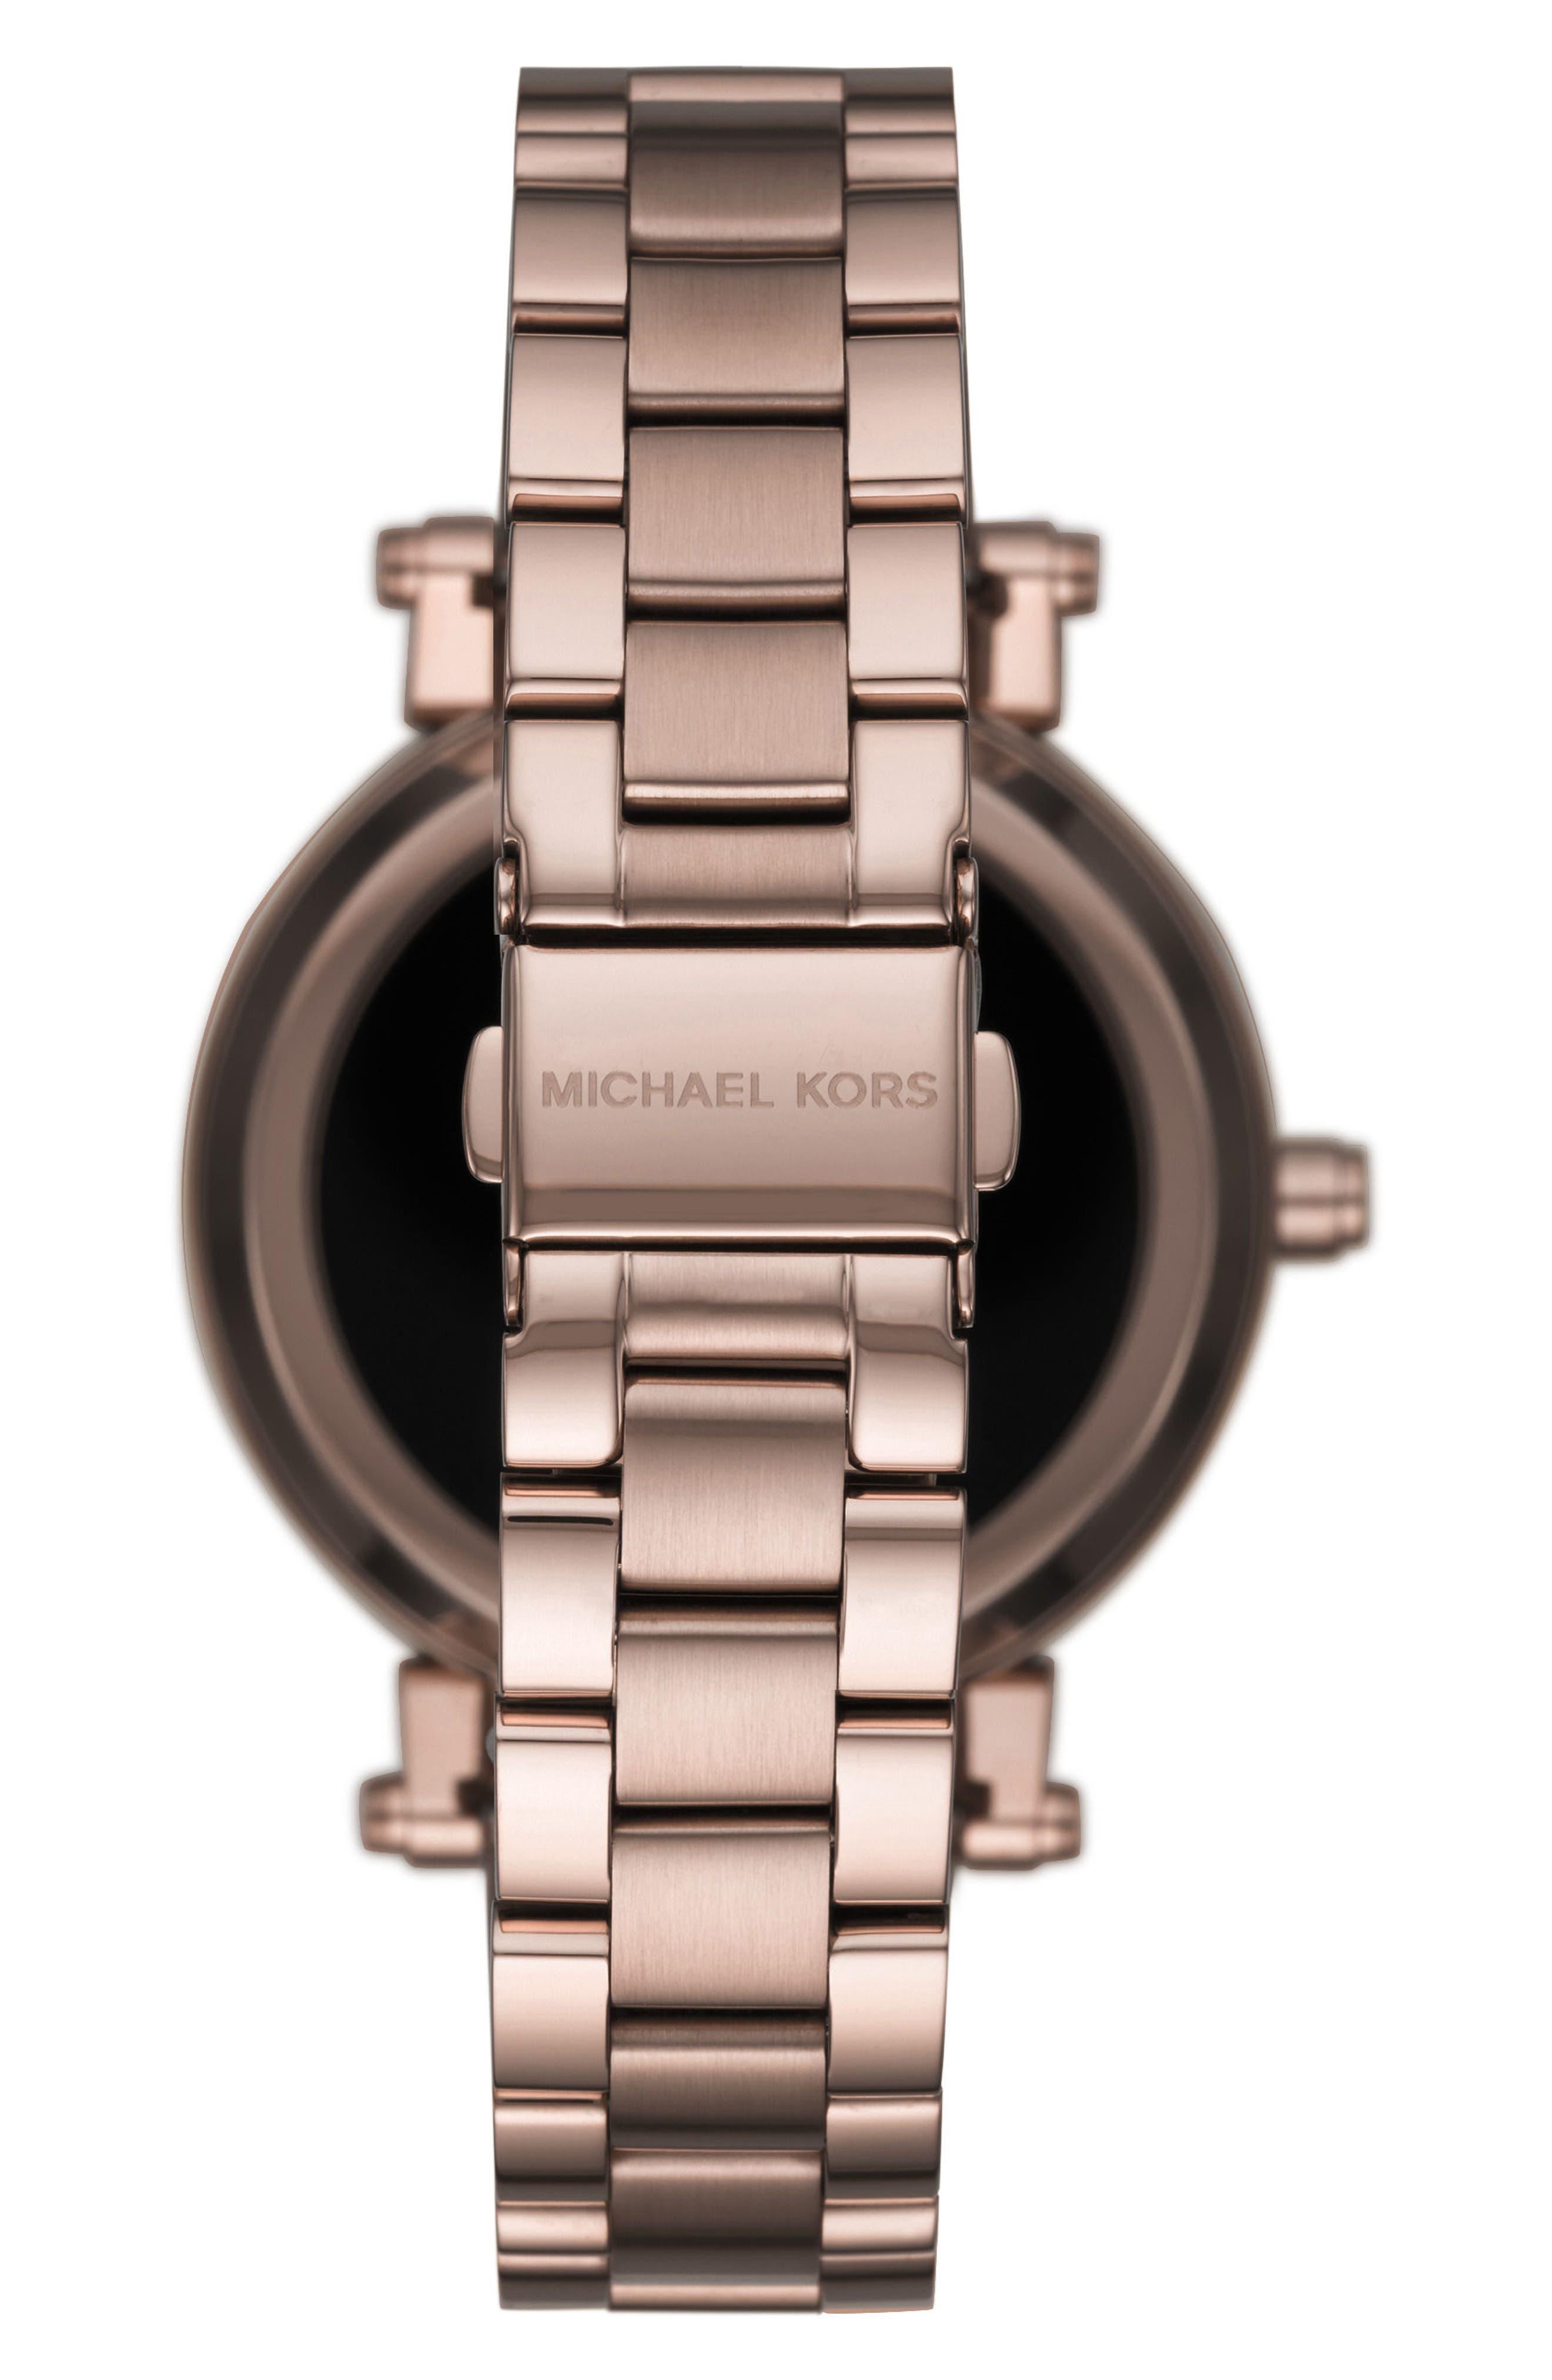 MICHAEL KORS ACCESS, Sofie Smart Bracelet Watch, 42mm, Alternate thumbnail 2, color, SABLE